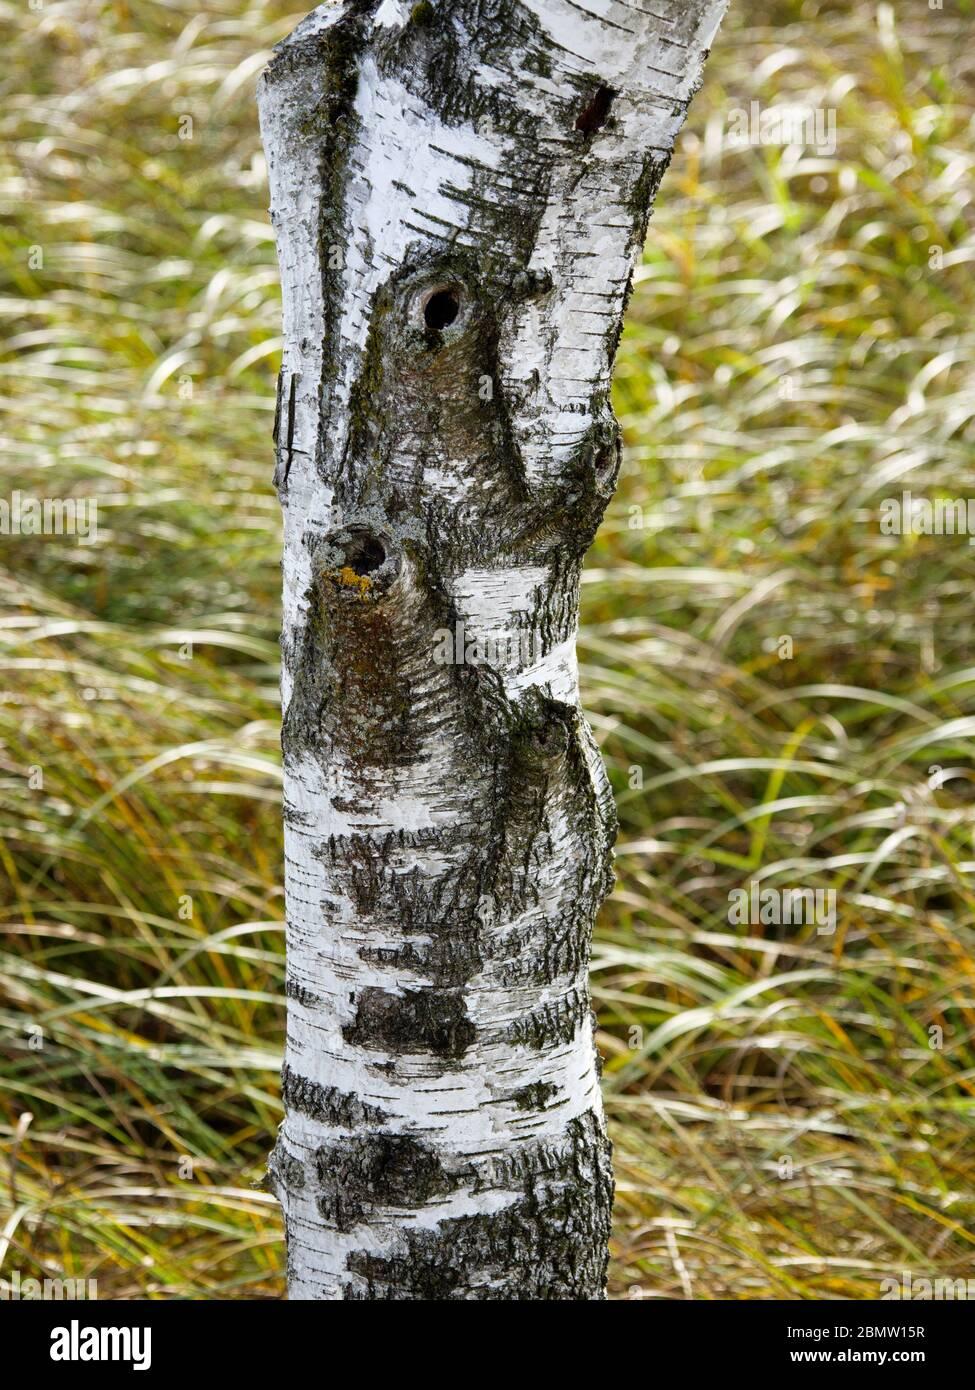 Birkenstamm, Federsee, Naturschutzgebiet, Bad Buchau, Oberschwaben, Baden-Württemberg, Deutschland Stock Photo